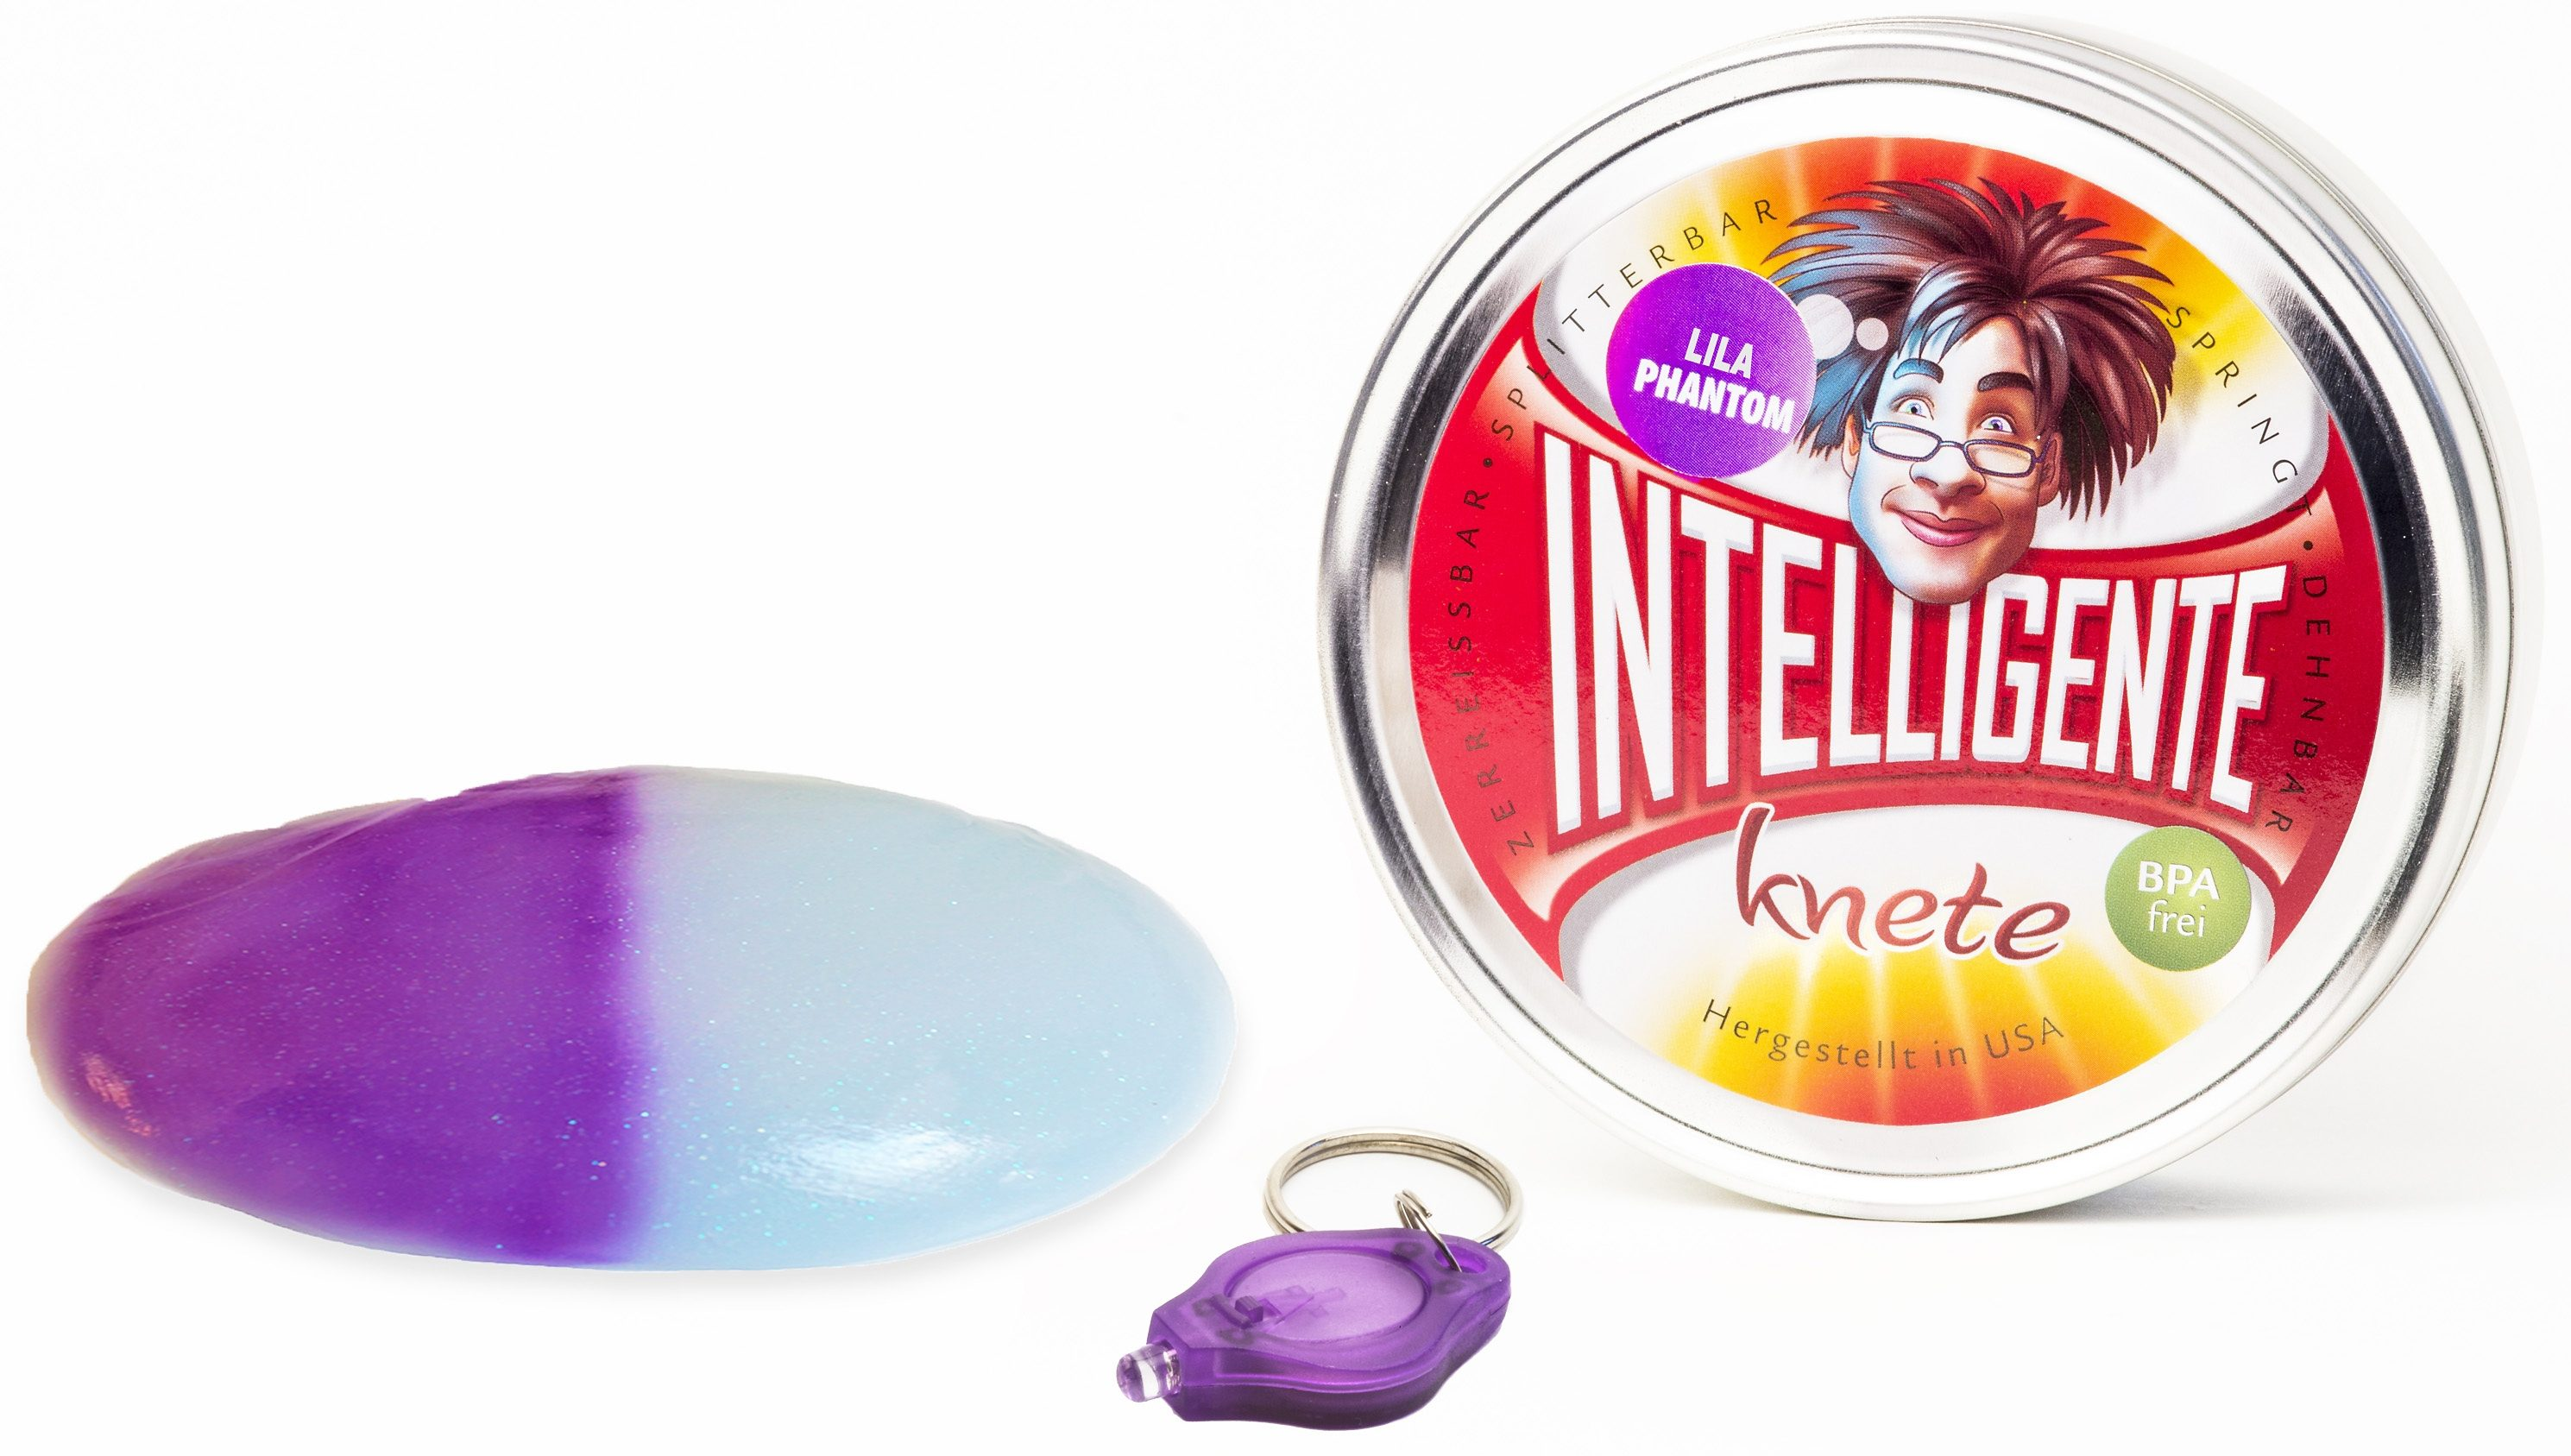 Intelligente Knete Knetgummi mit UV-Lampe, »Phantom«